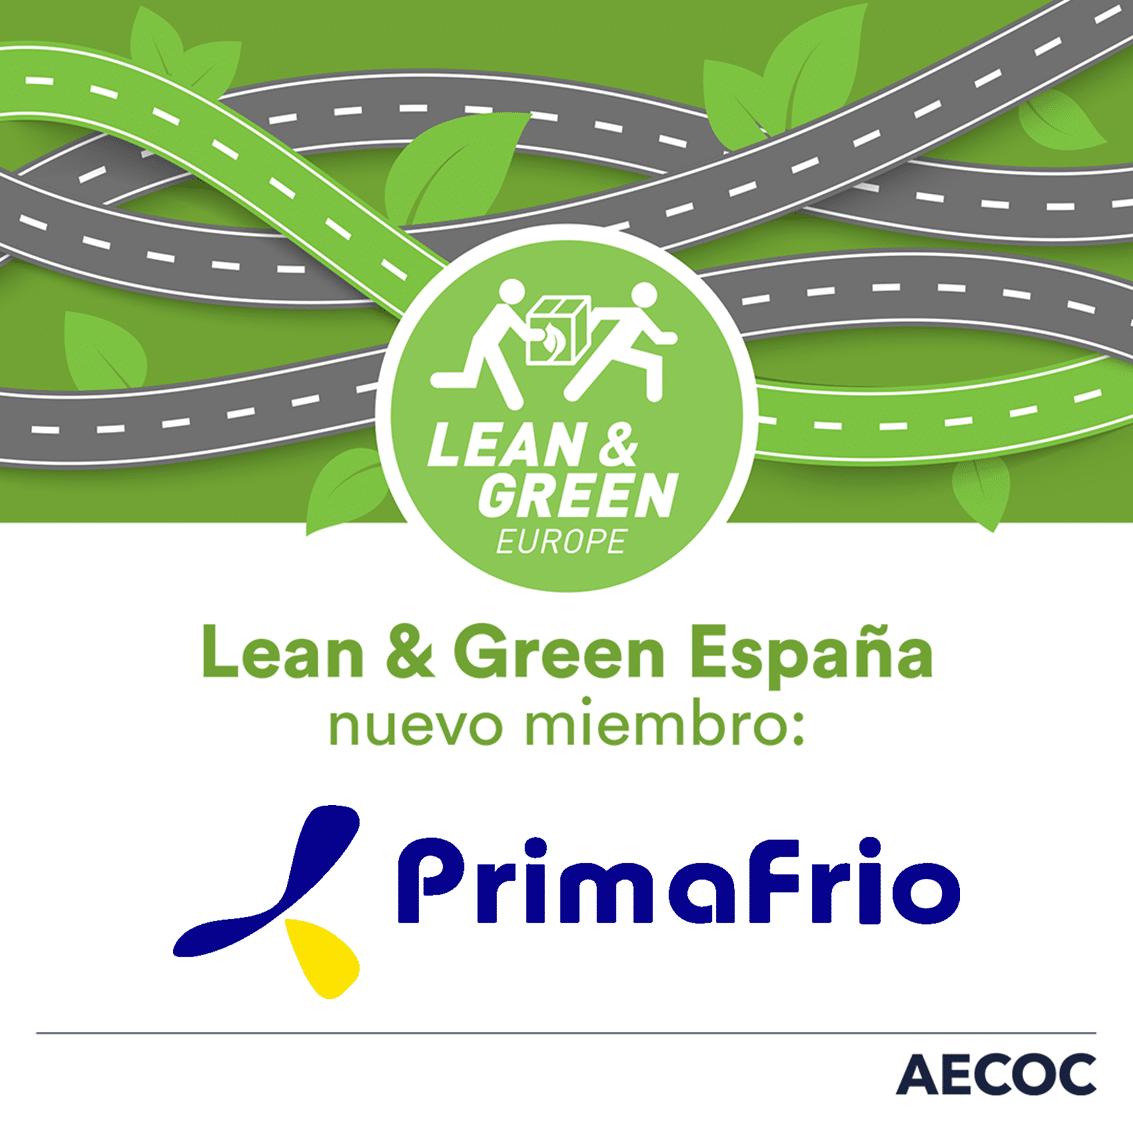 Lean &Green